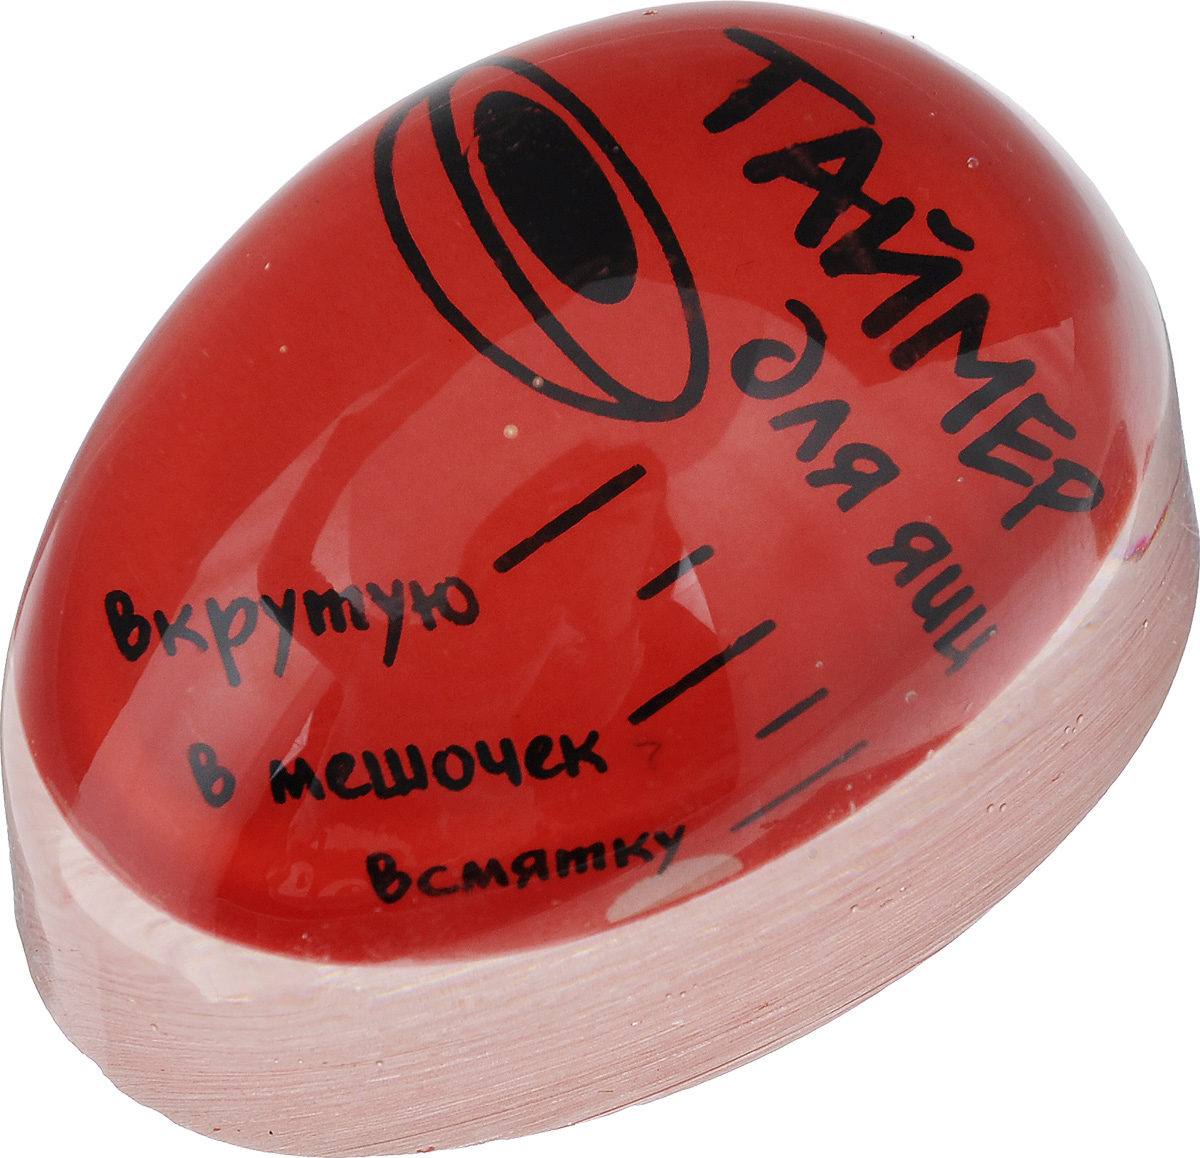 Таймер для варки яиц Miolla, цвет: красный54 009312Таймер для варки яиц Miolla поможет приготовить яйца в нужном вам виде. Изделие выполнено из высококачественного пластика. Использовать таймер очень просто. Налейте в кастрюлю холодную воду, положите необходимое количество яиц, поместите туда таймер и поставьте на газовую плиту. В процессе варки таймер начнет изменять цвет от внешнего контура. Достижение контуром определенного деления (всмятку, в мешочек, вкрутую) означает соответствующую степень готовности яиц. Оригинально и просто!